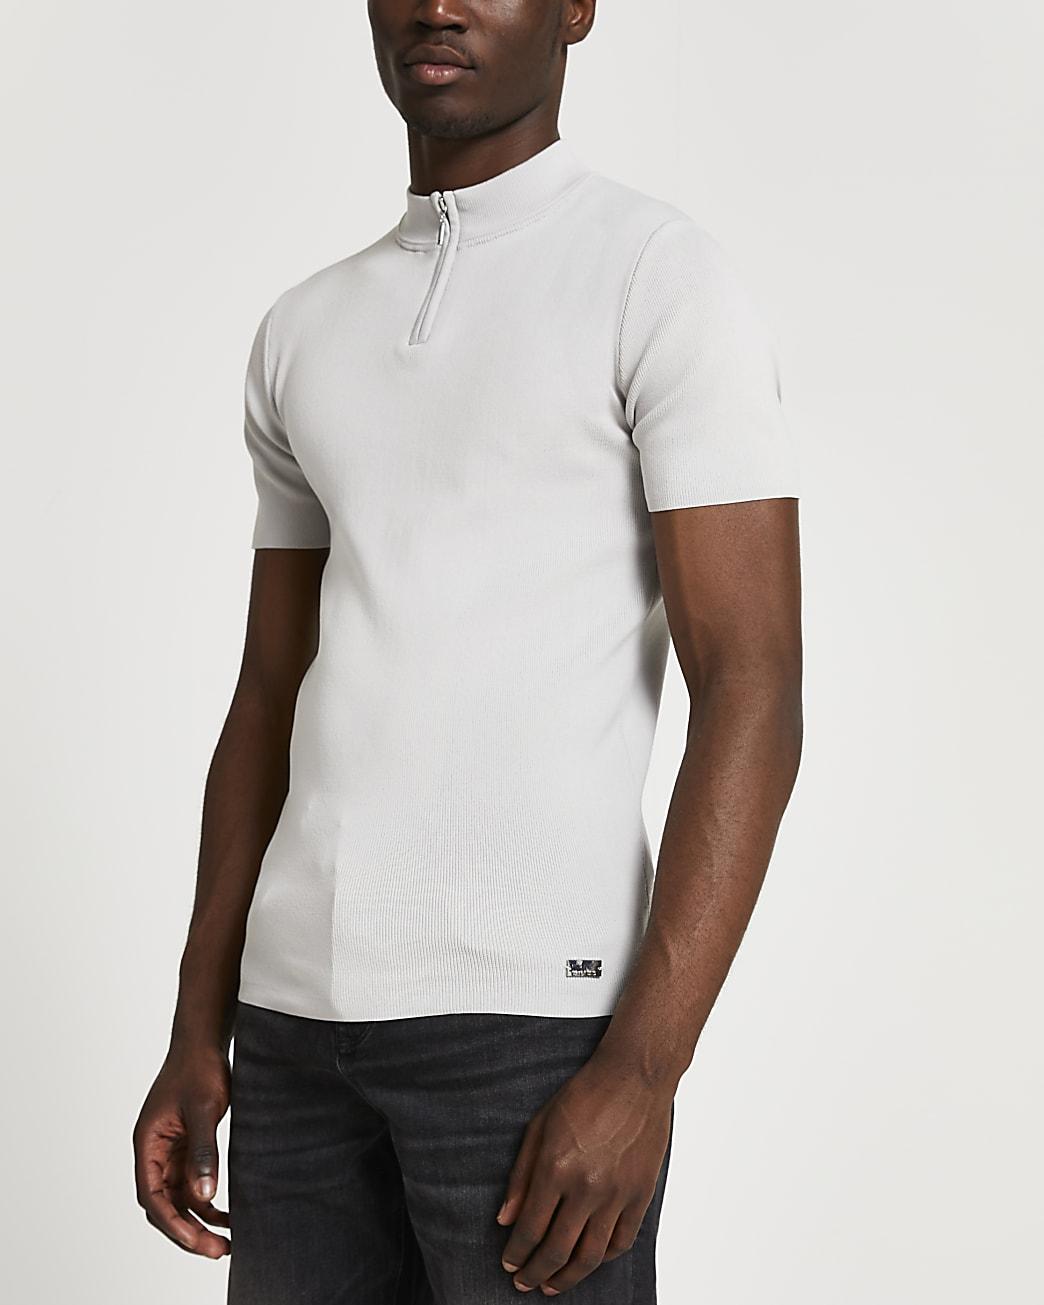 Grey slim fit half zip smart knit t-shirt